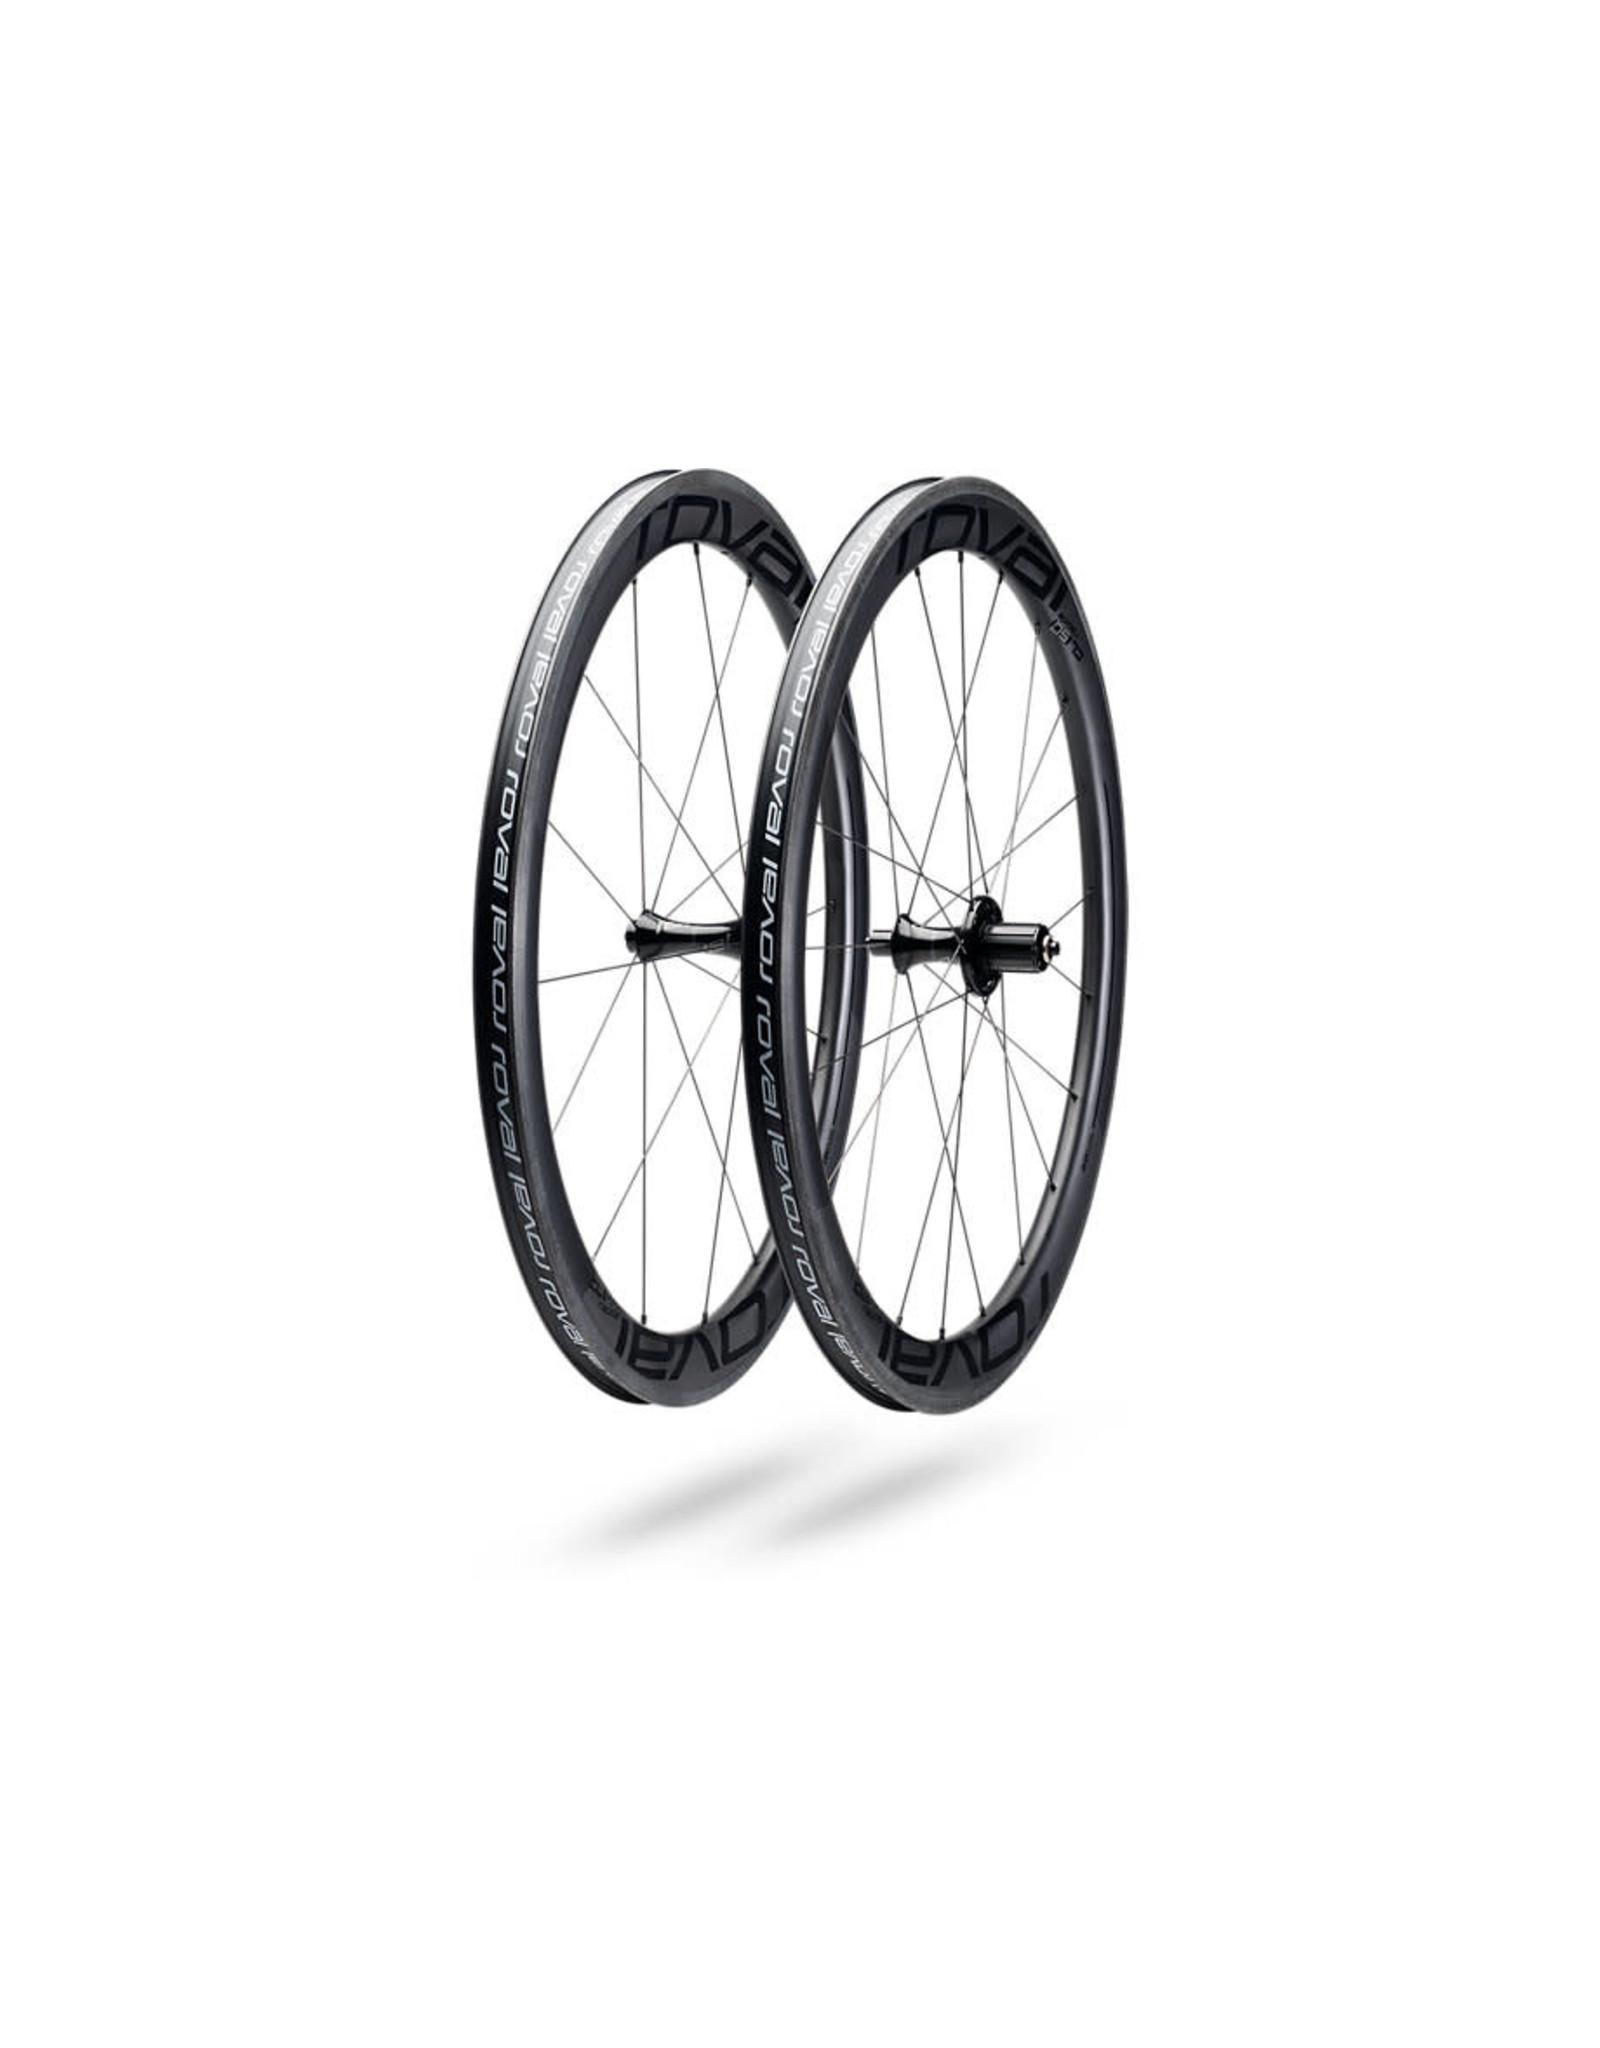 Specialized Bikes CL 50 WHEELSET SATIN CARBON/BLK